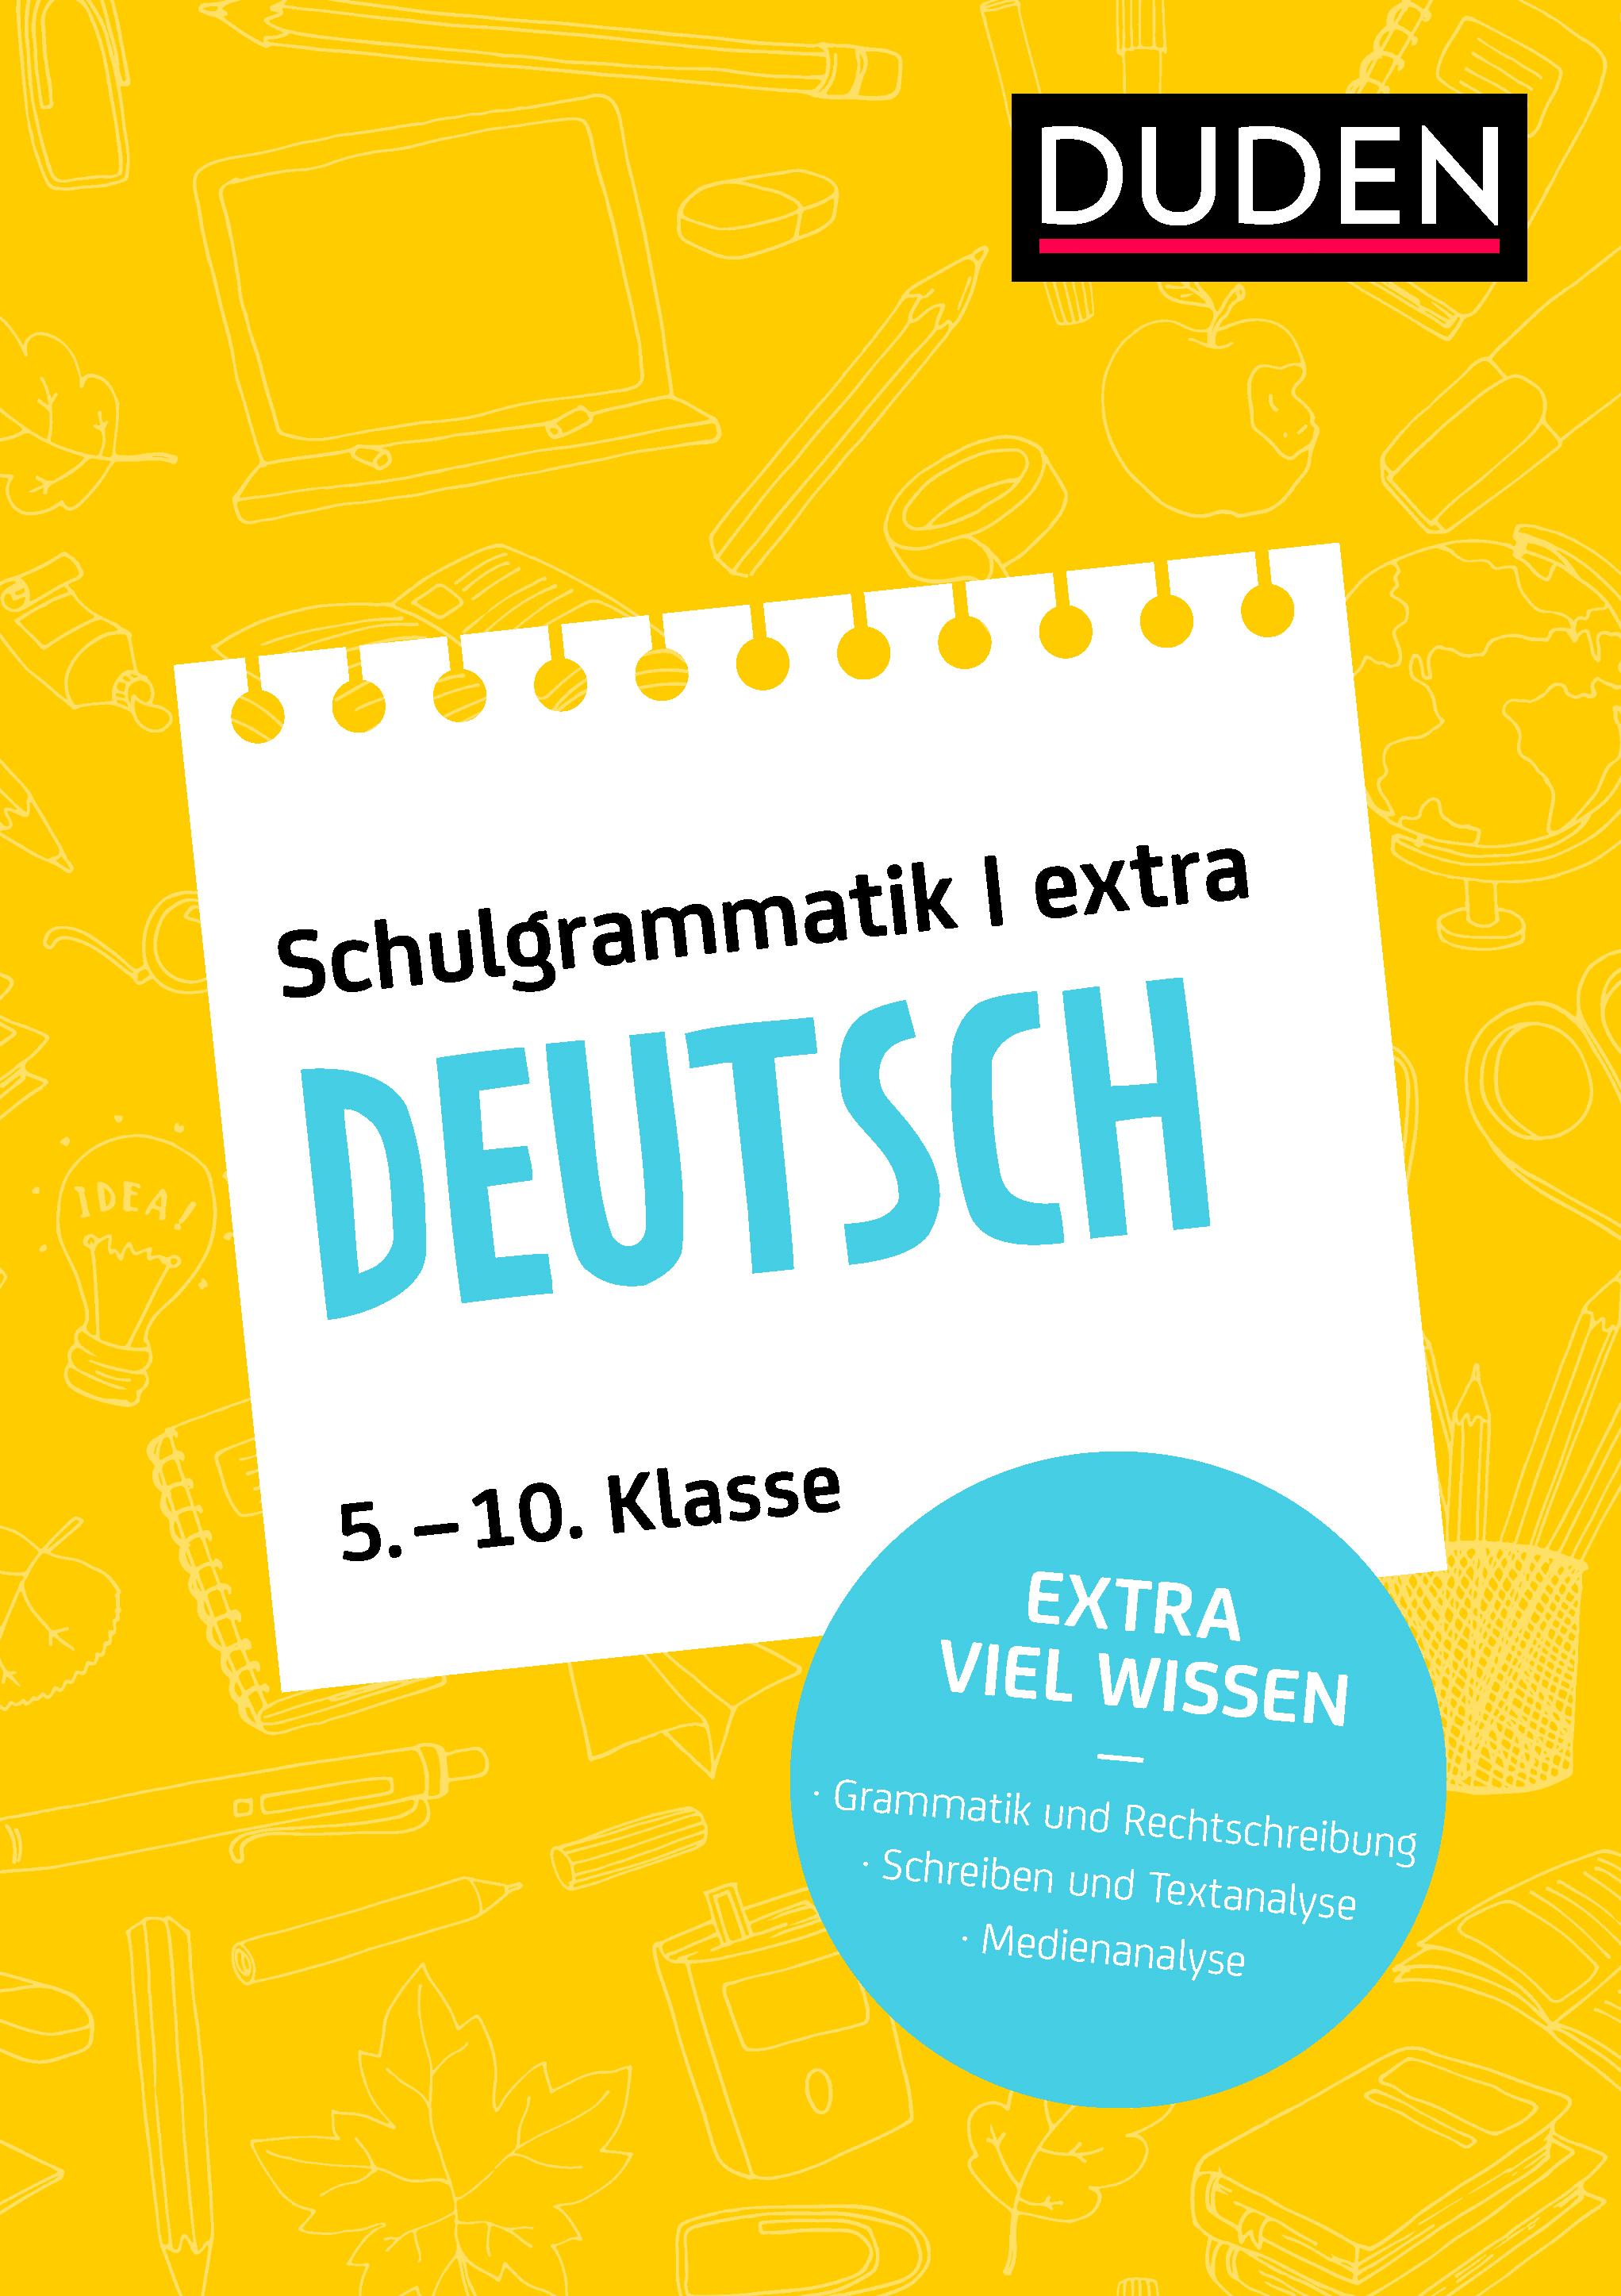 Duden Schulgrammatik extra - Deutsch von : Grammatik und Rechtschreibu